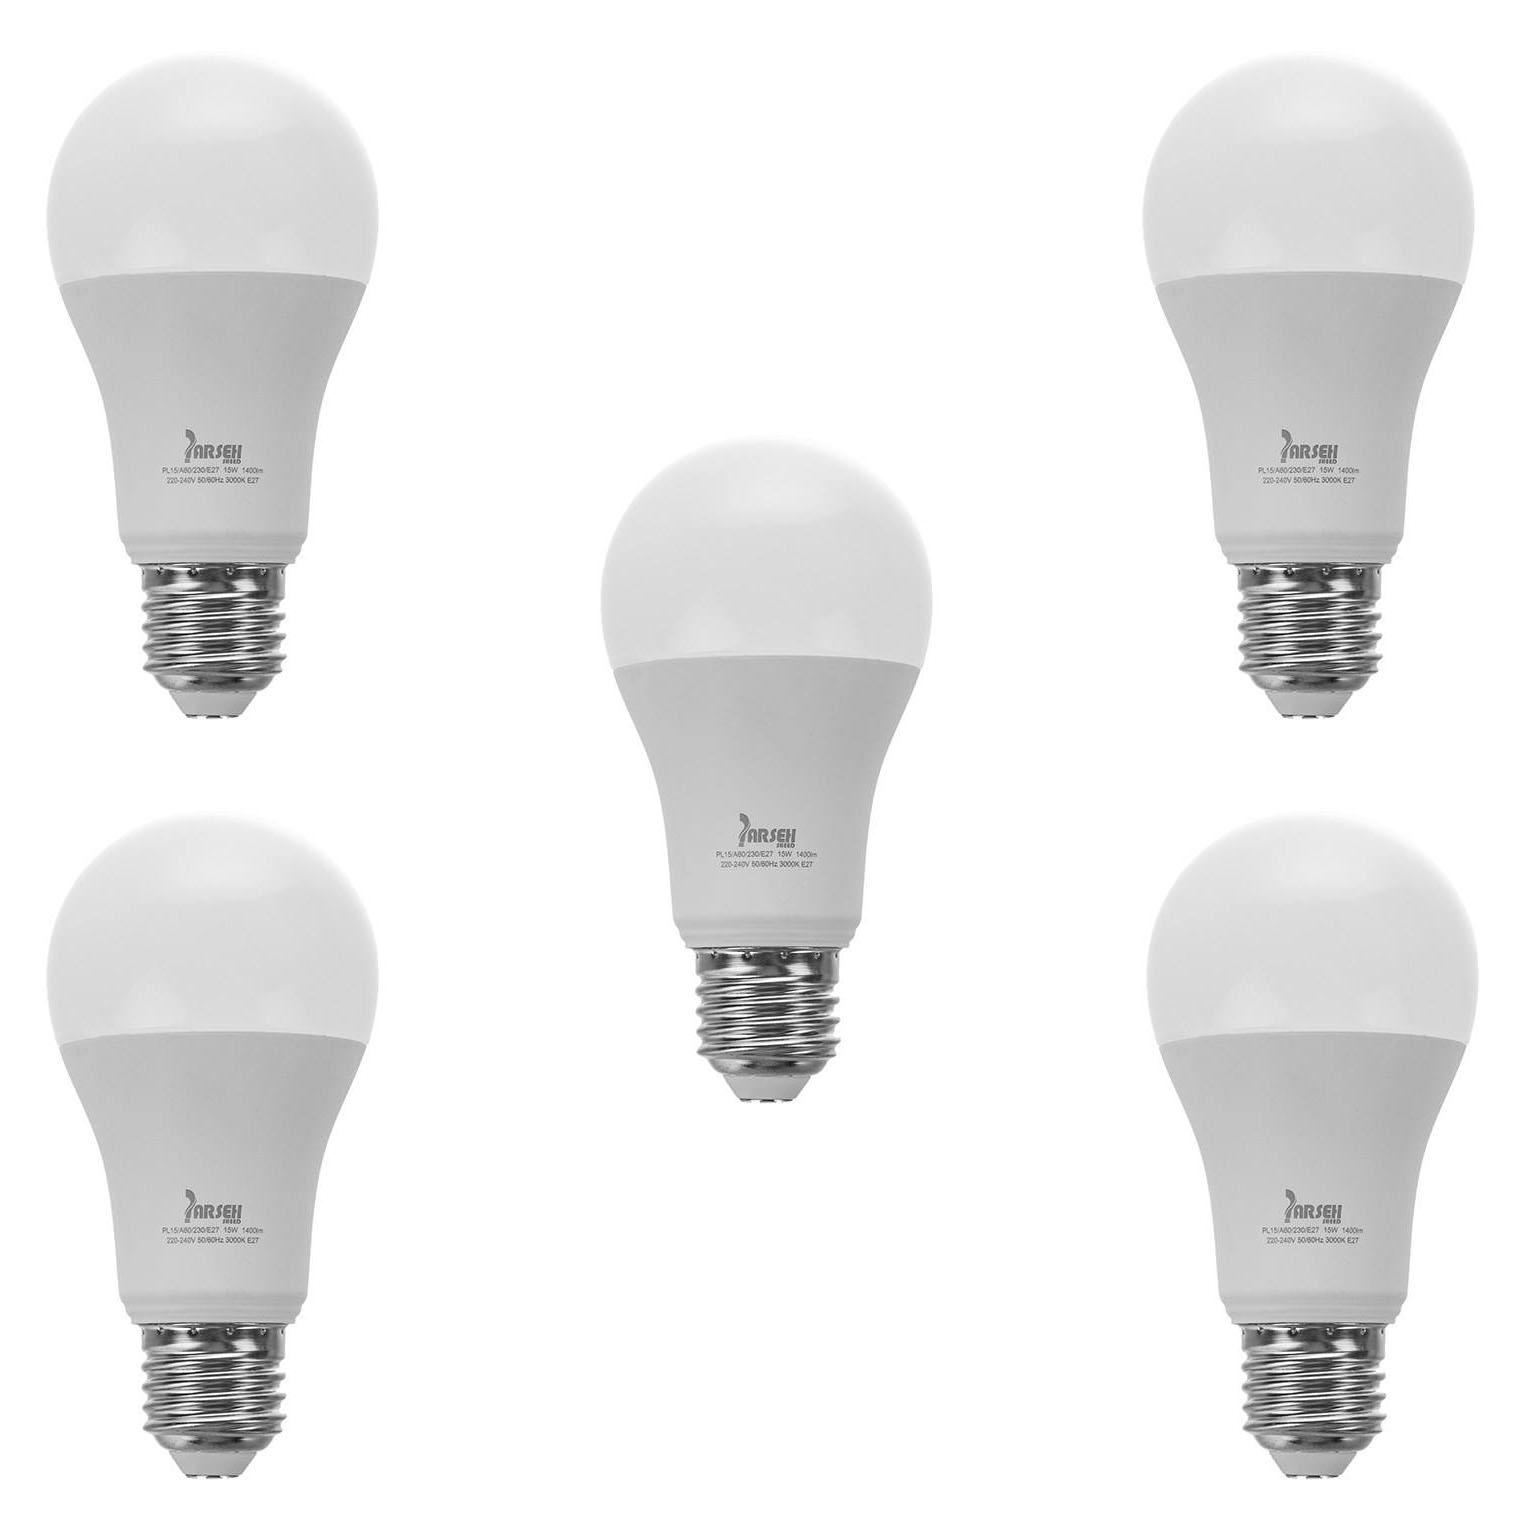 لامپ ال ای دی 15 وات پارسه شید مدل PL15 A60 پایه E27 بسته 5 عددی